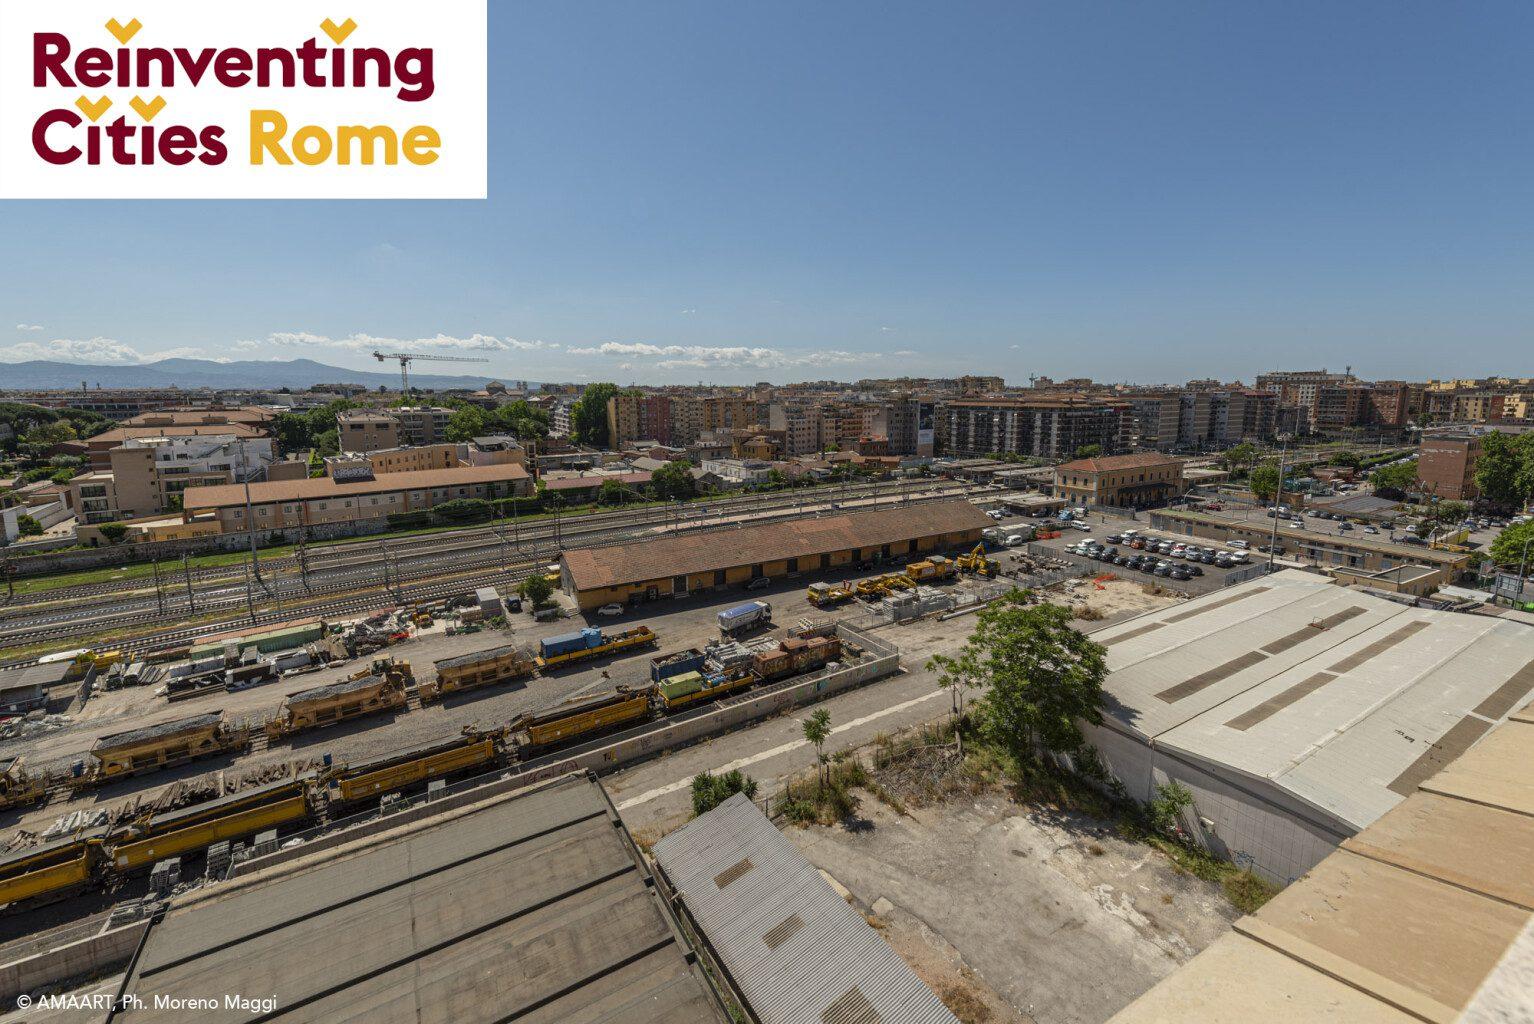 REINVENTING CITIES ROME TUSCOLANA